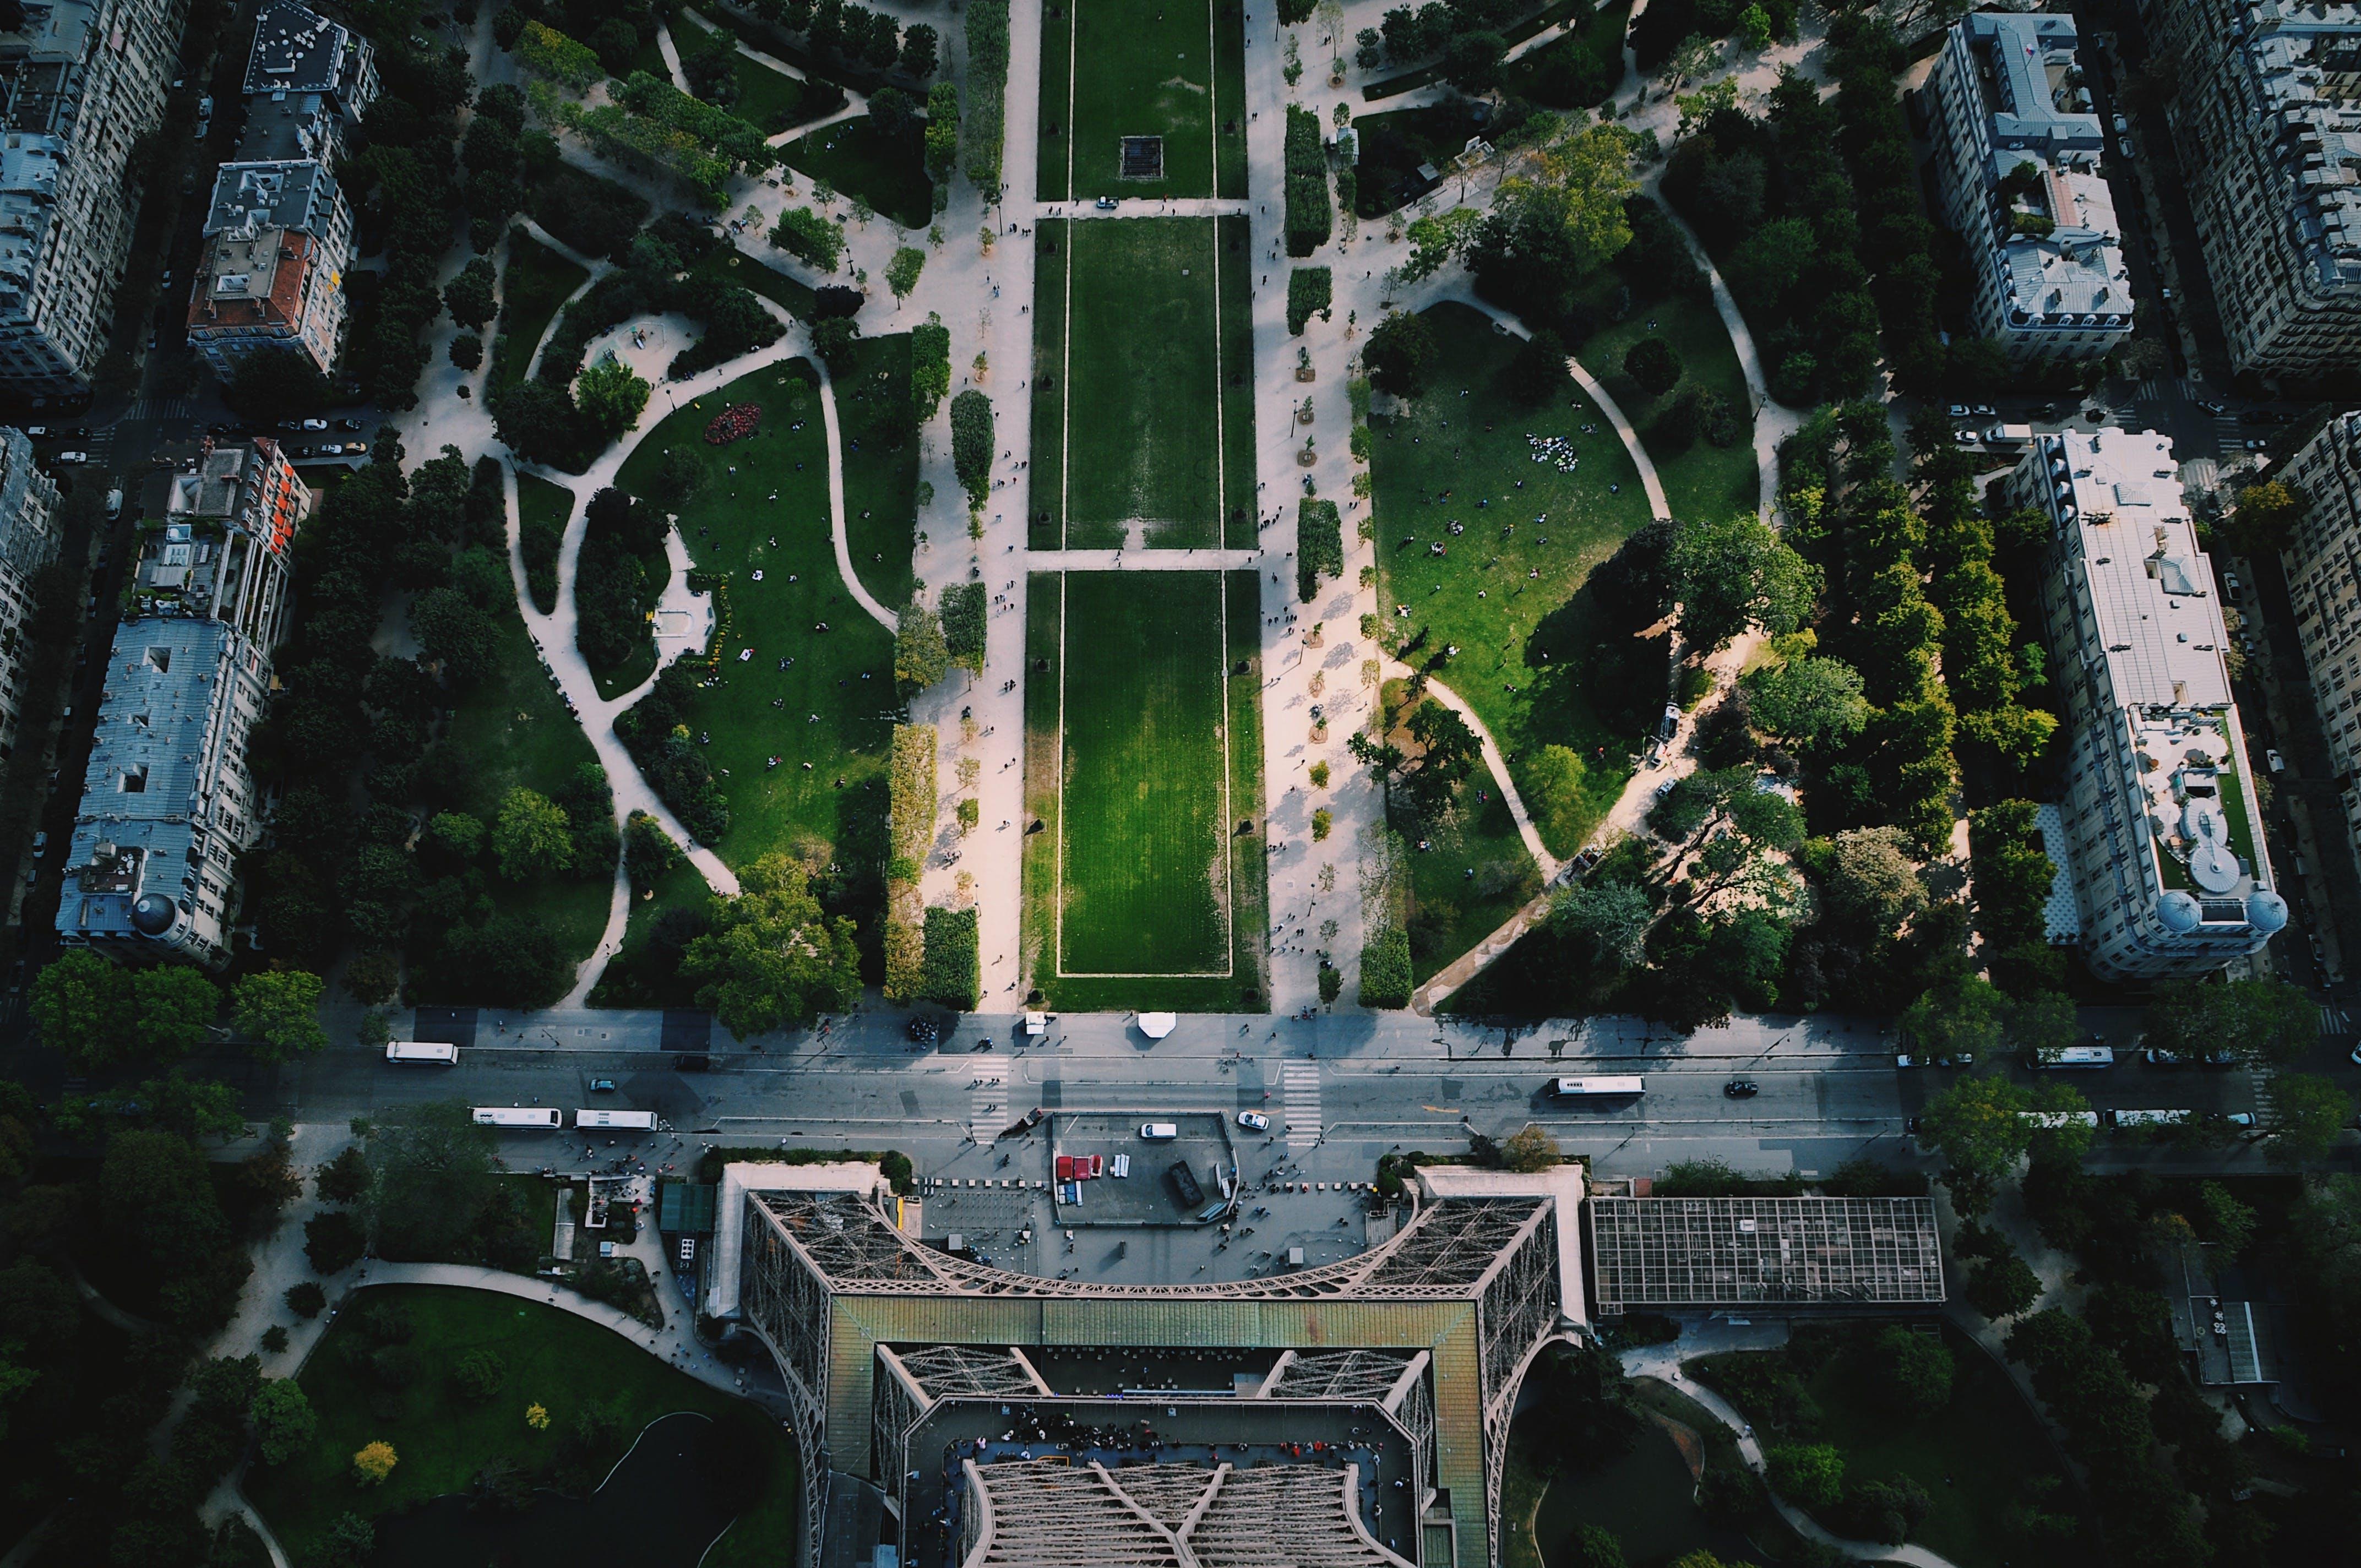 거리, 건물, 건축, 공원의 무료 스톡 사진